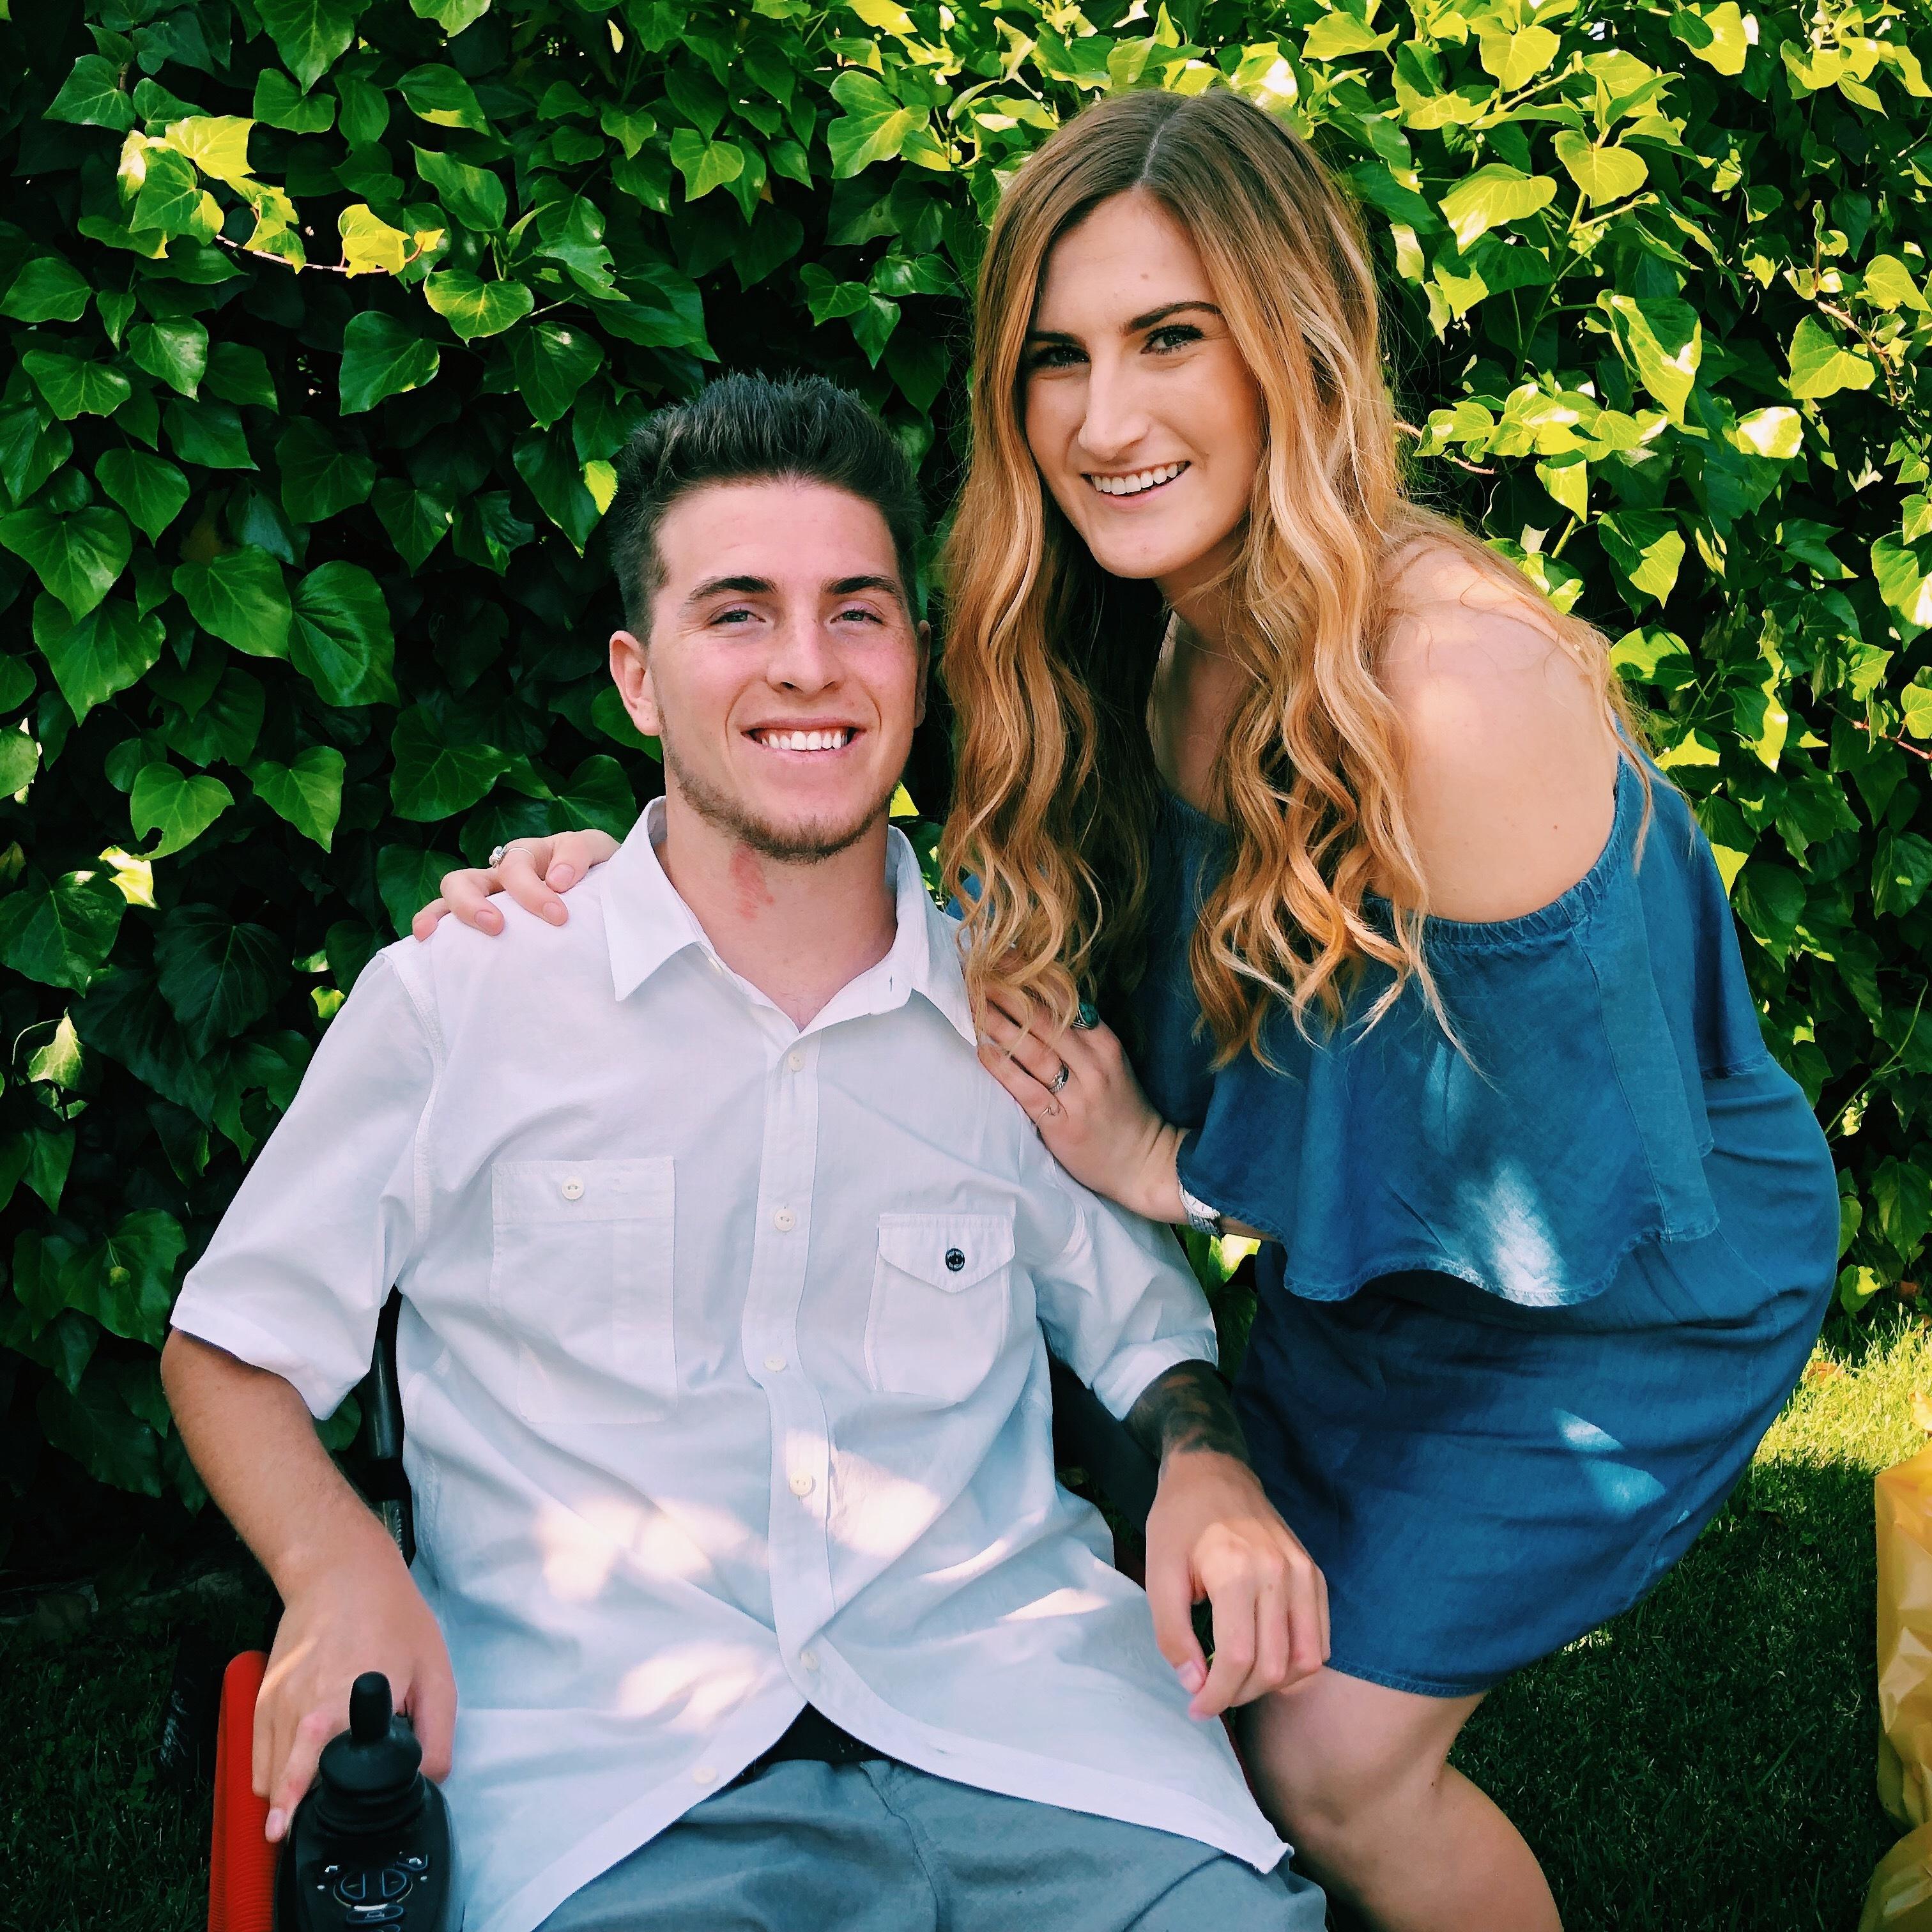 Zack and fiancé